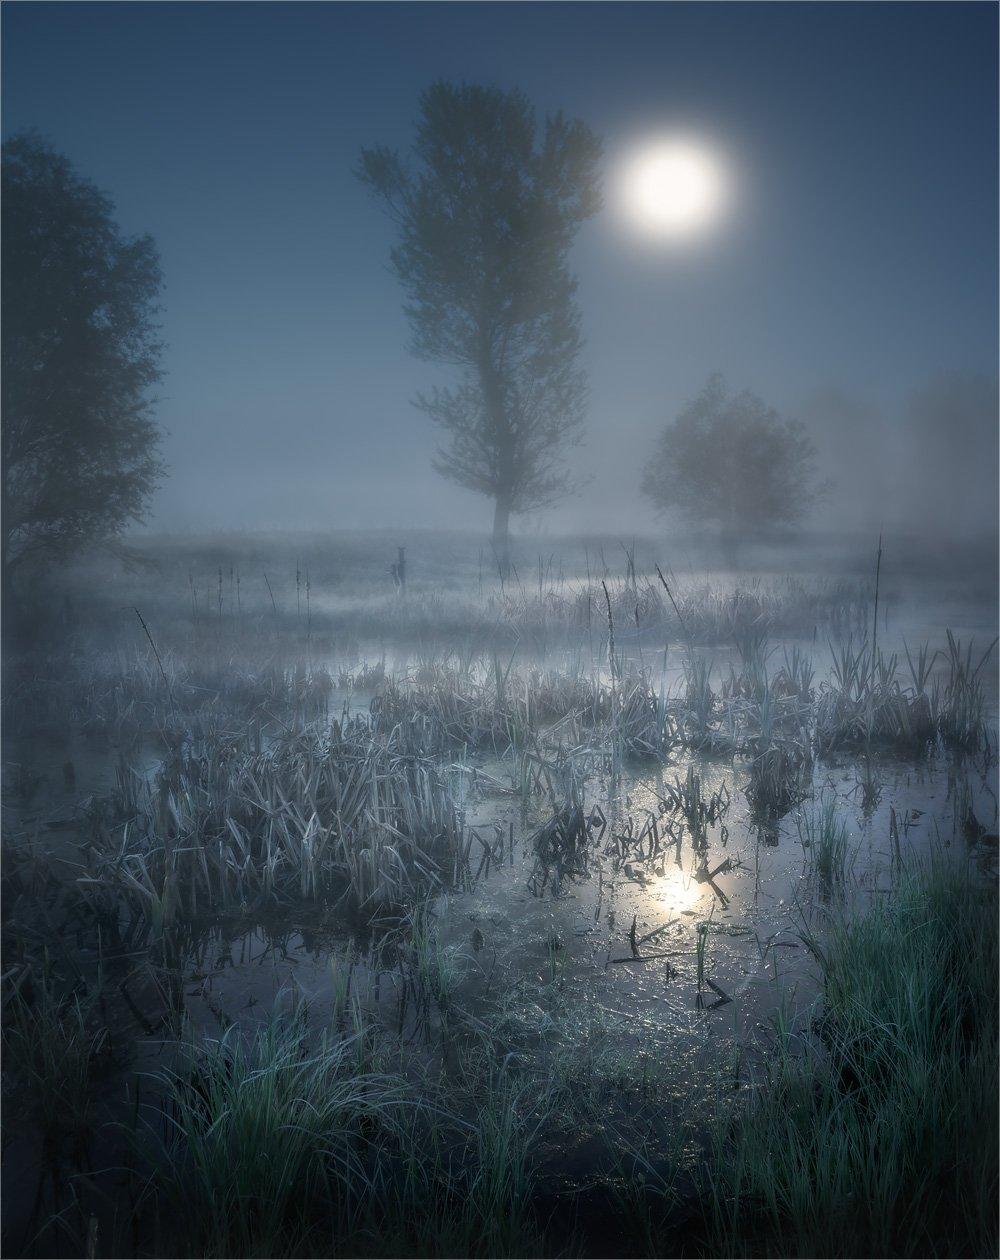 болото, камыш, луна, ночь, туман, Александр Киценко